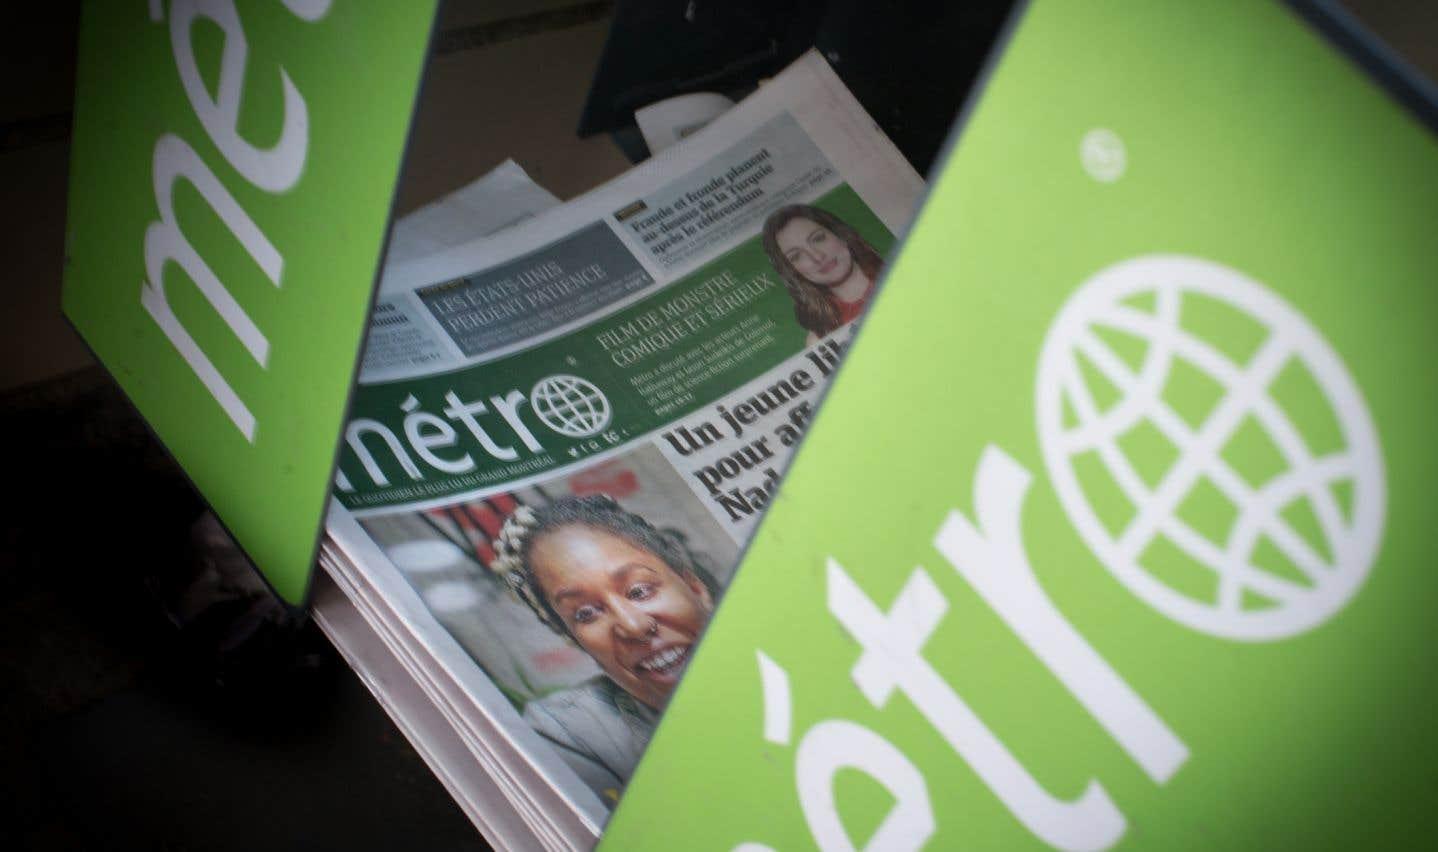 Le journal «Métro»compte en moyenne 1260000 lecteurs de ses versions imprimée et numérique, selon le dernier sondage Vividata.